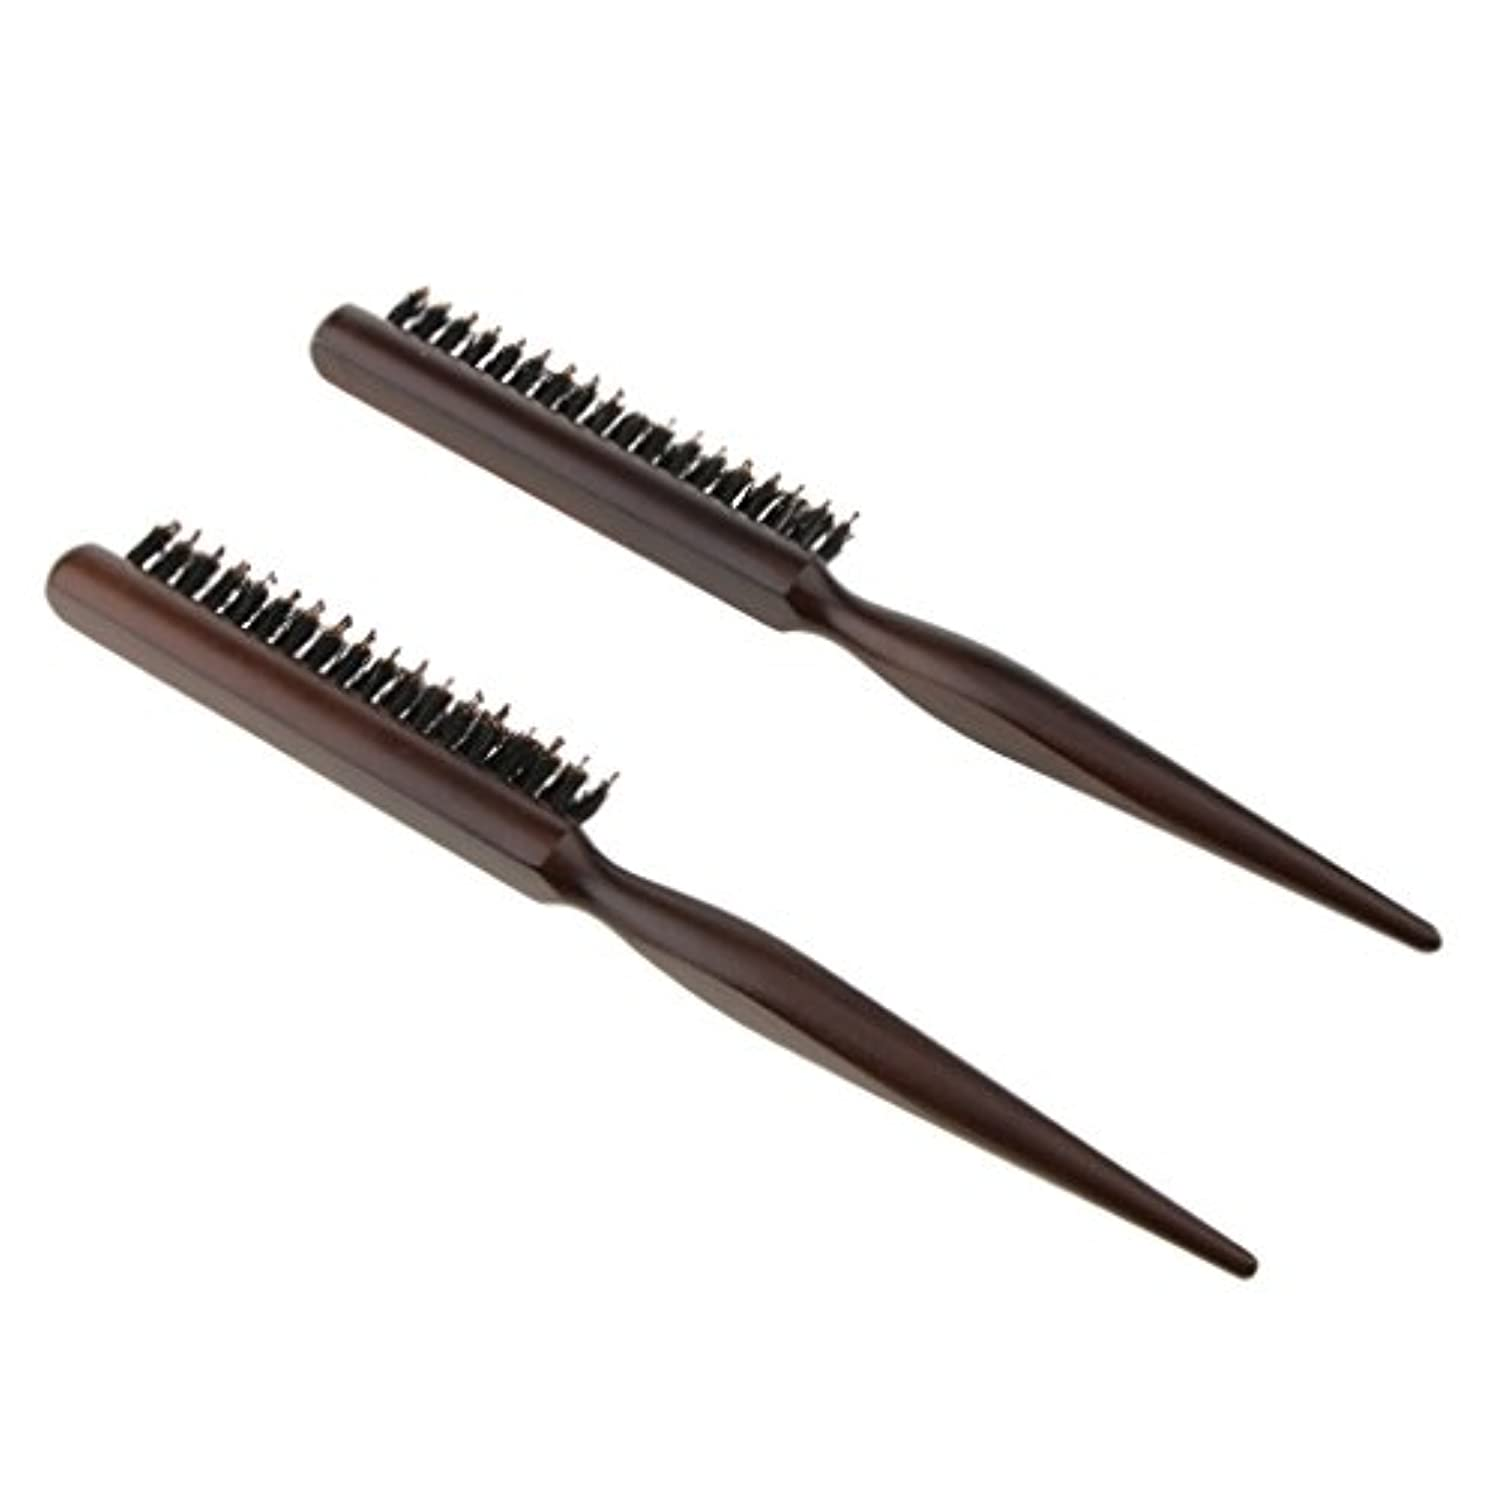 煩わしい書くシャベル2本 木製櫛 ヘアコーム ヘアブラシ ナイロン毛+木製ハンドル